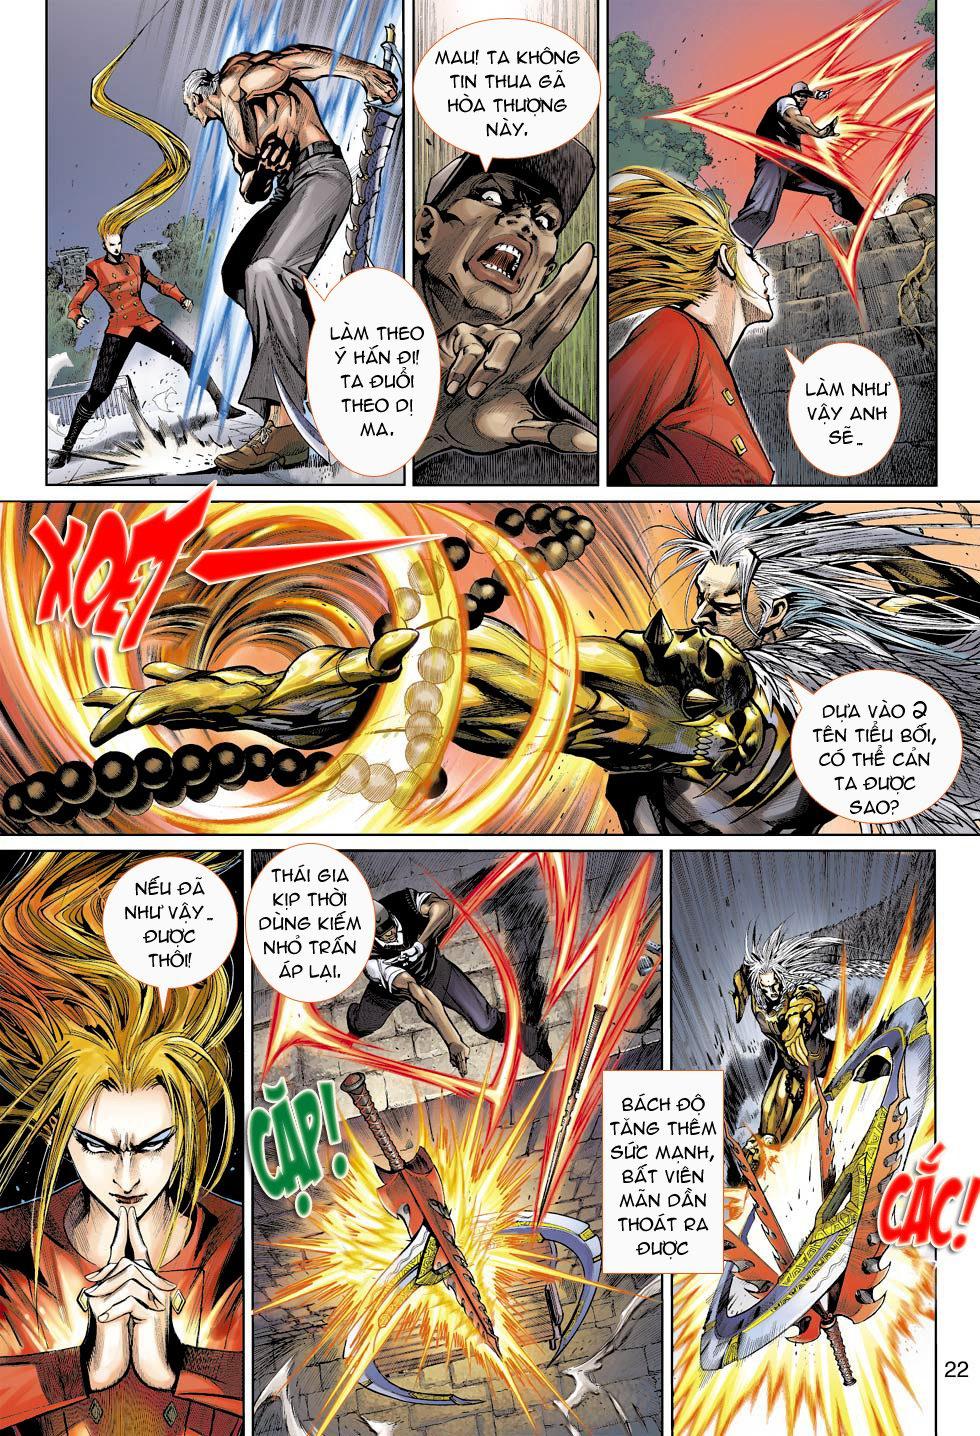 Thần Binh 4 chap 16 - Trang 22